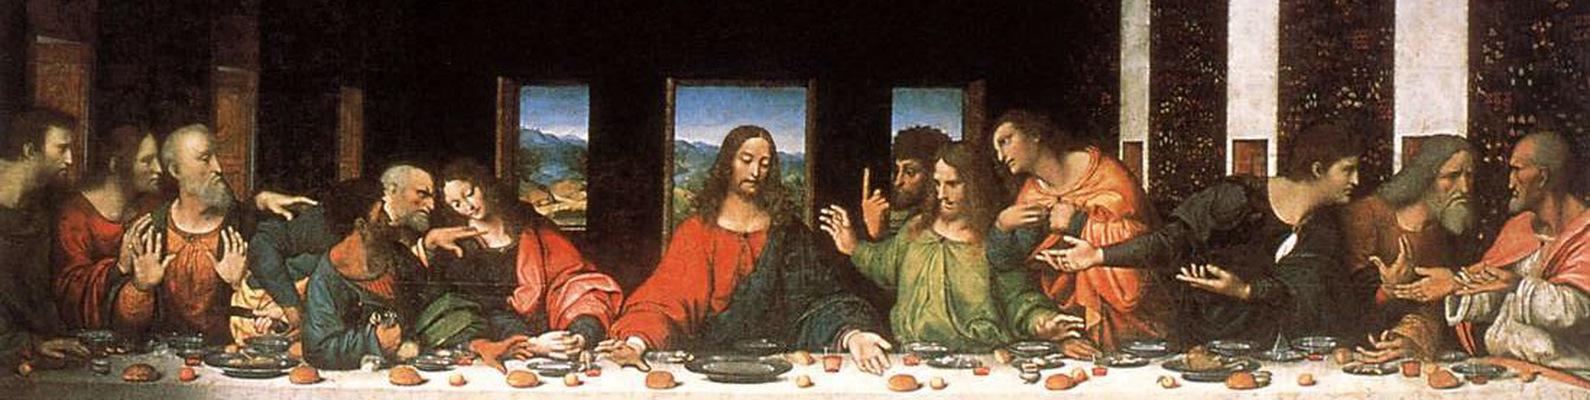 """Реставрационная версия фрески """"Тайная вечеря"""" - да Винчи, Леонардо фото"""